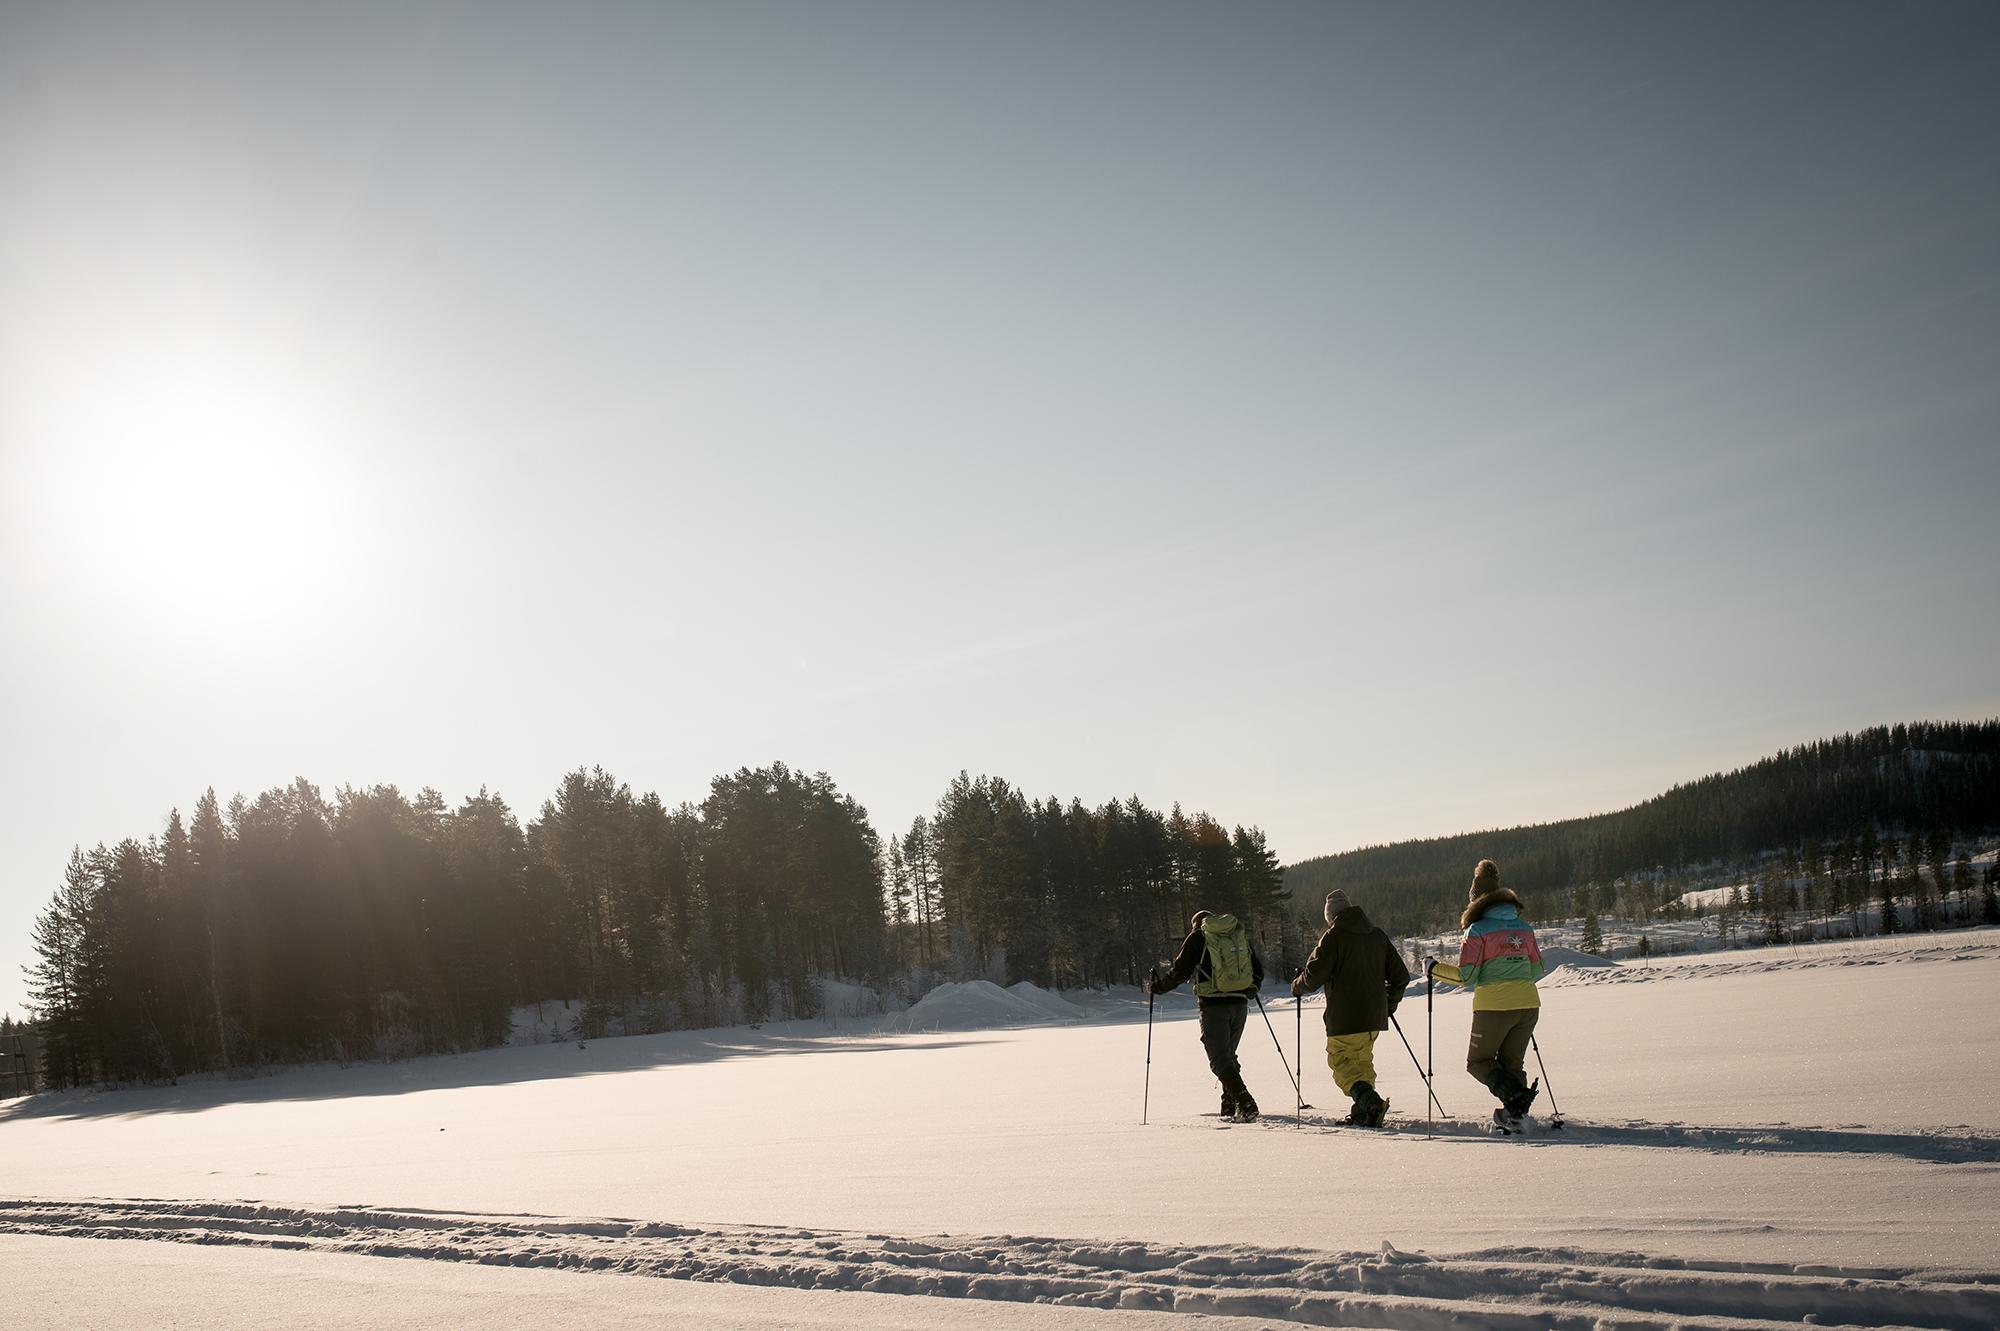 abenteuerreich Erlebnistouren, Lappland, Schweden, Winter, Eisangeln, Motorschlitten, Elch, Rentier, Schneeschuhe, Langlaufski, Nordlichter